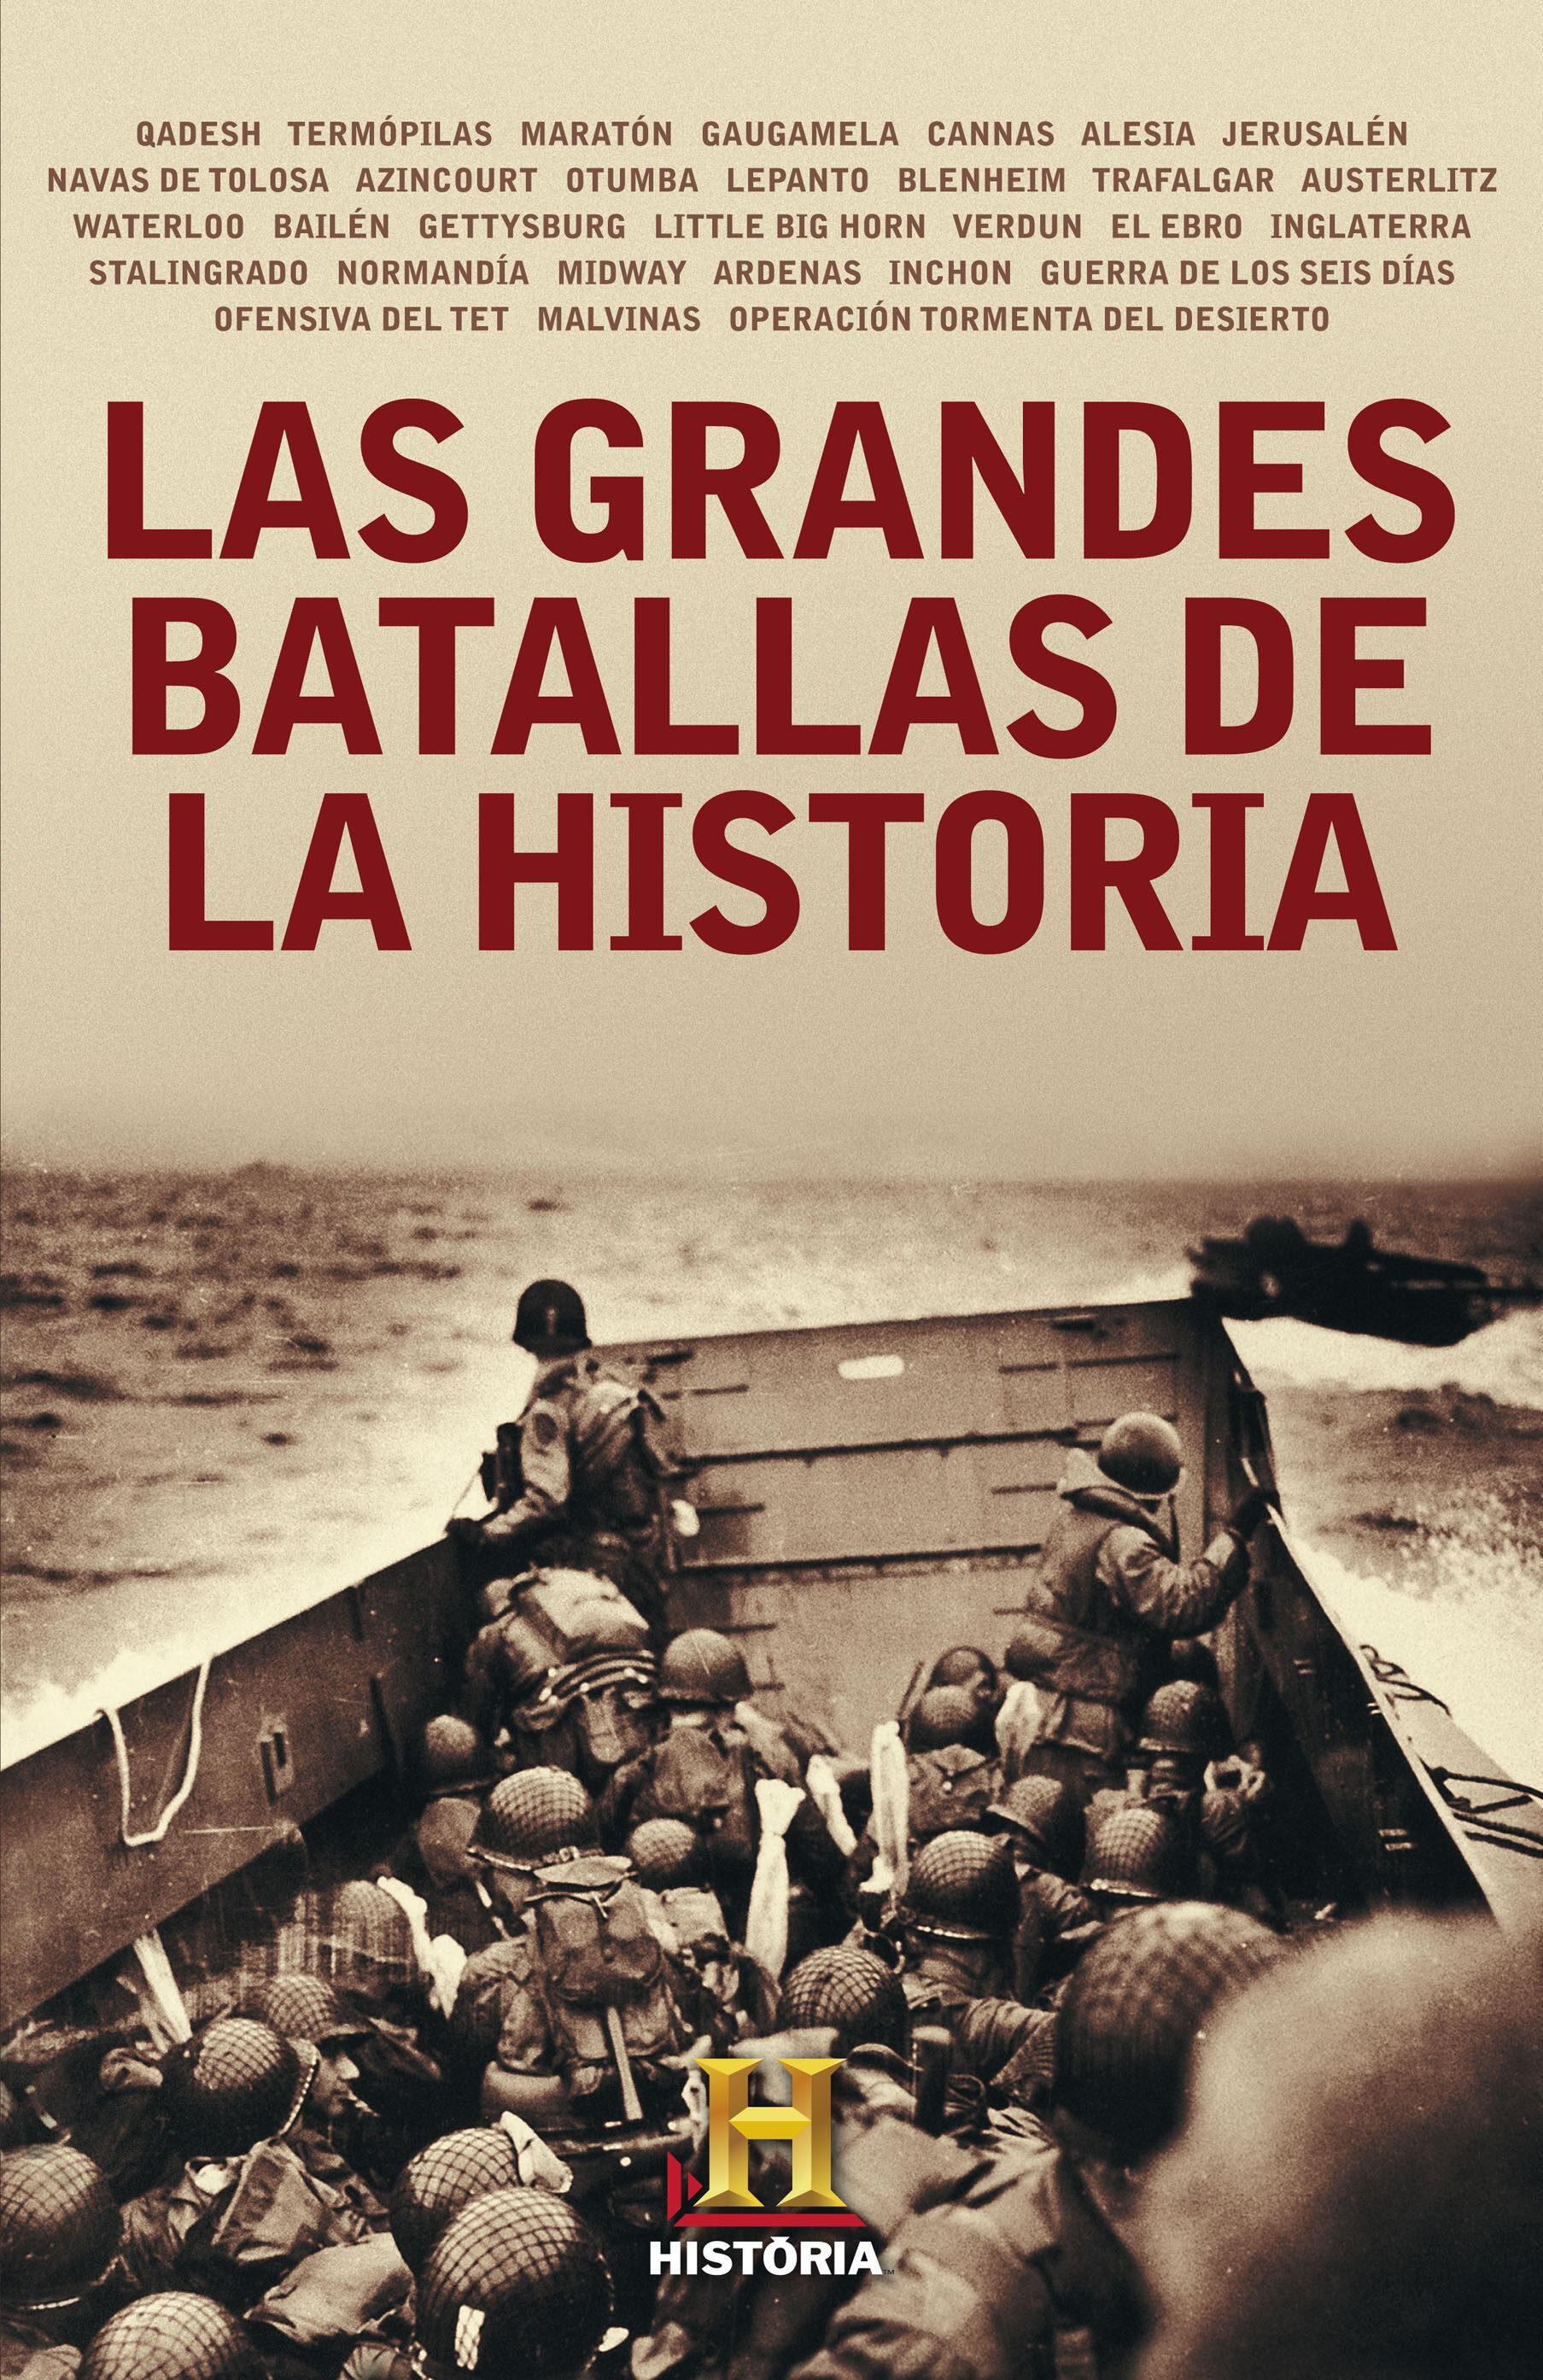 Las Grandes Batallas De La Historia - Vv.aa.